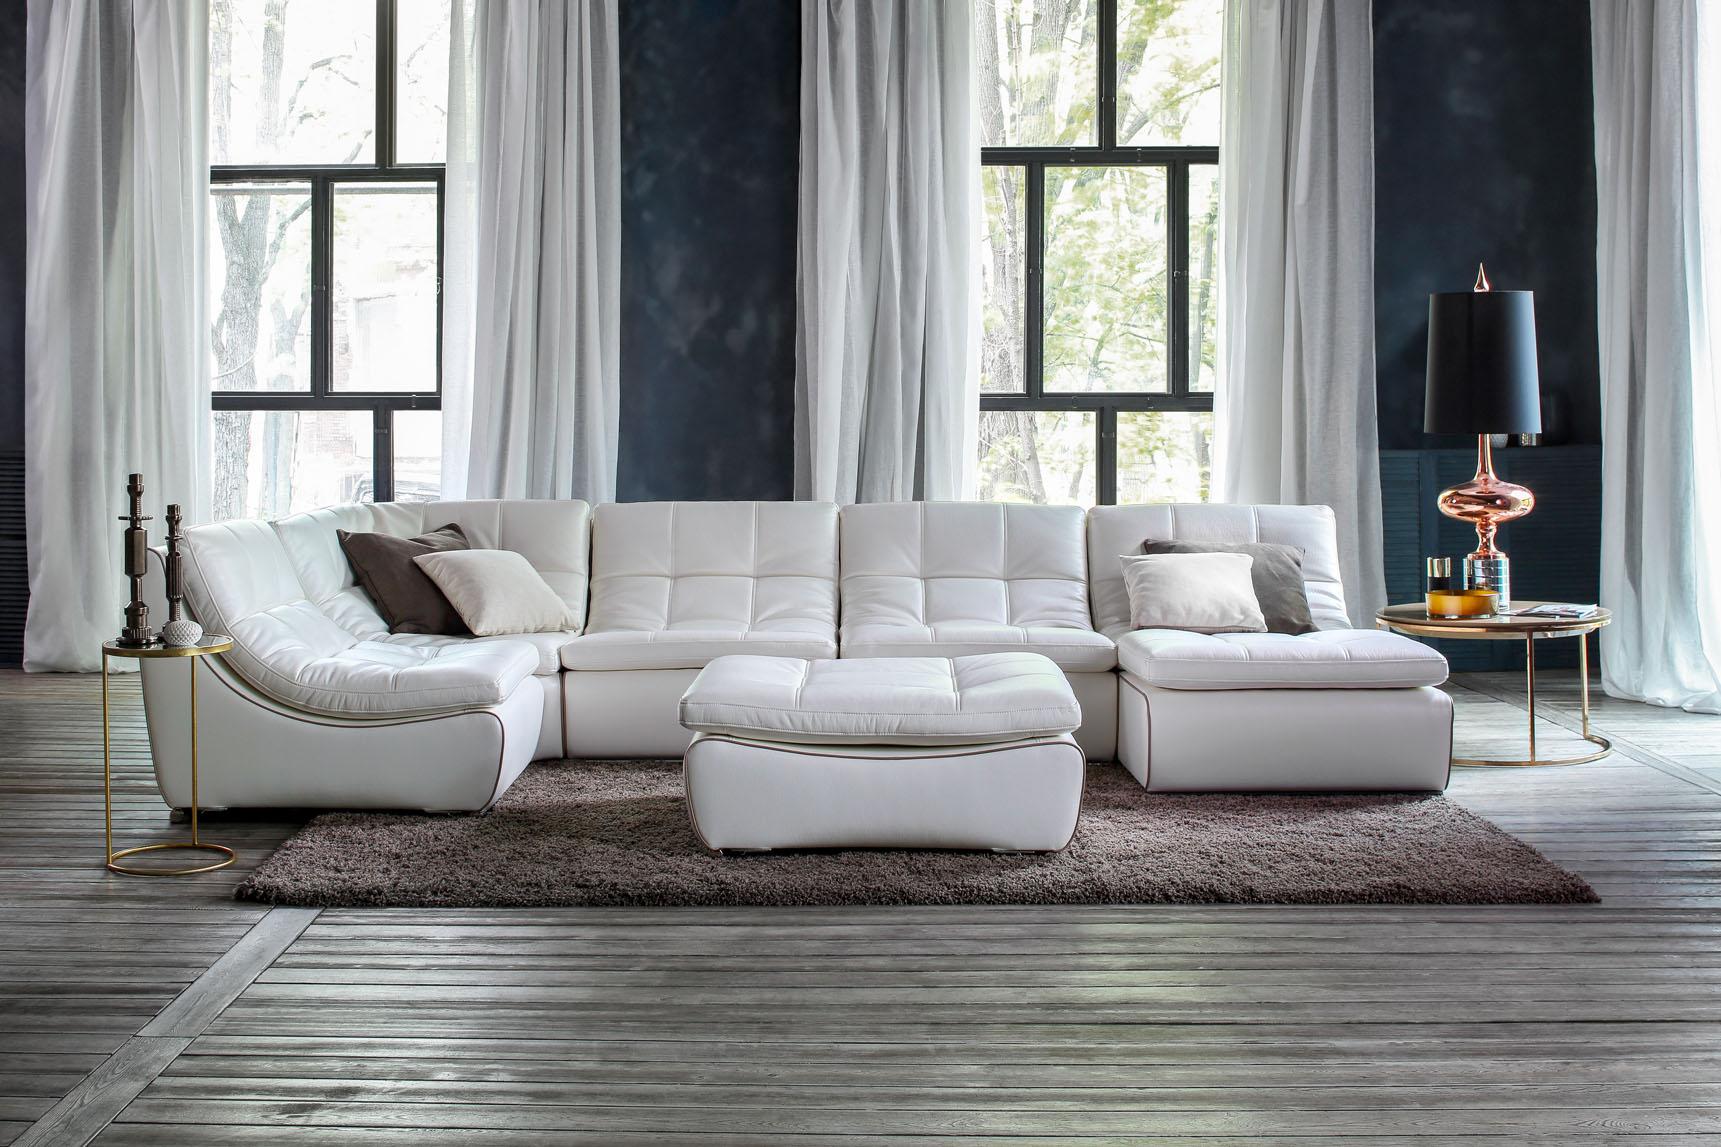 Модульный диван Мари Соле, фото 5